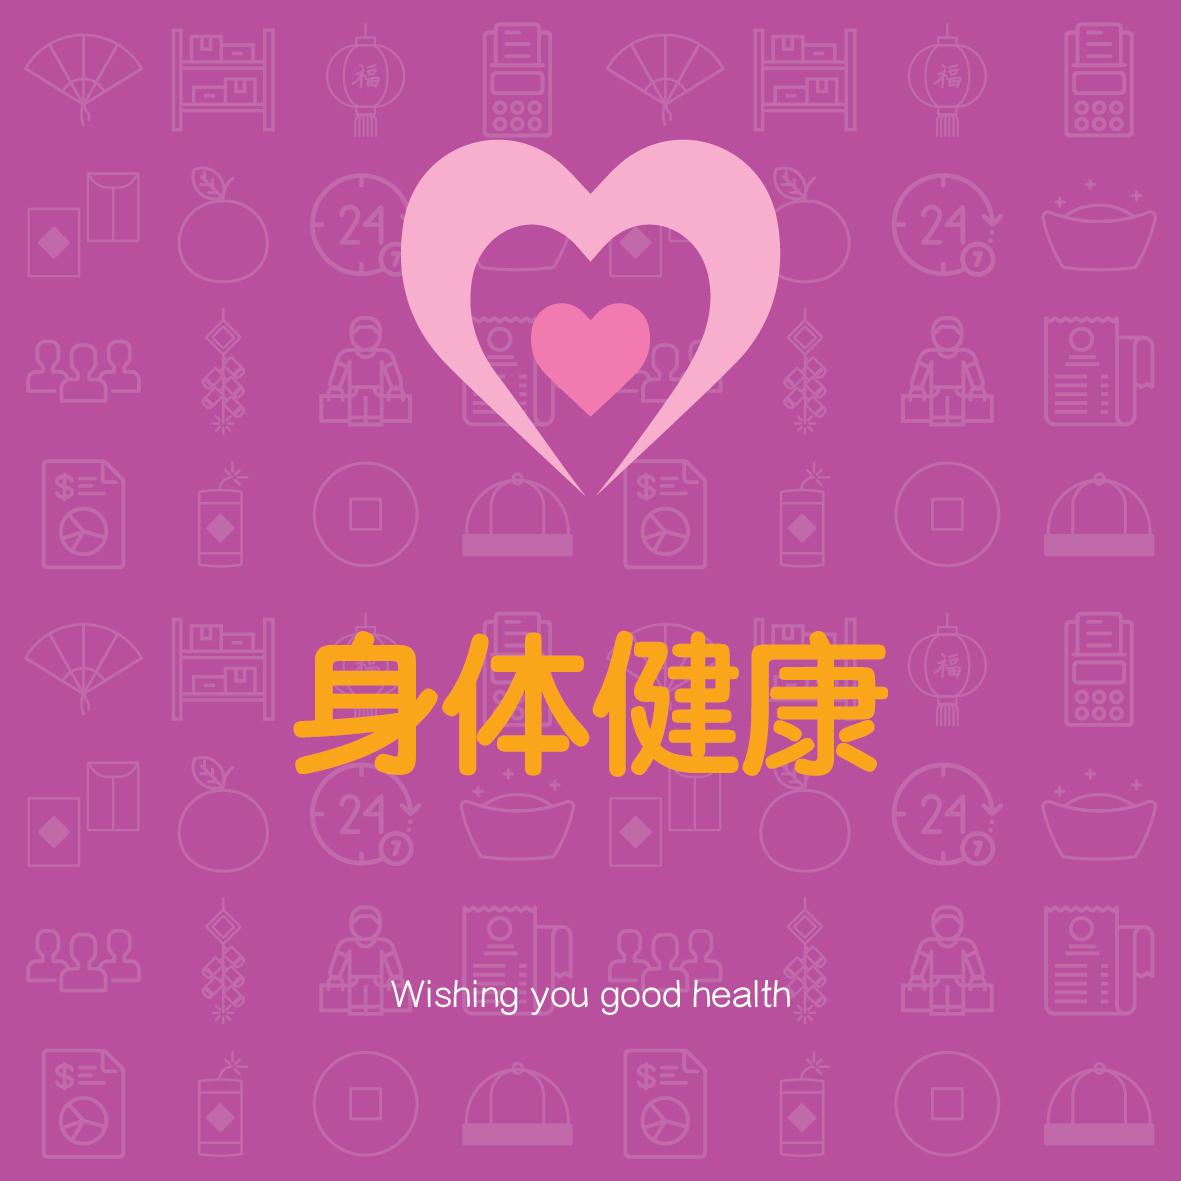 身体健康 2018 - Good health